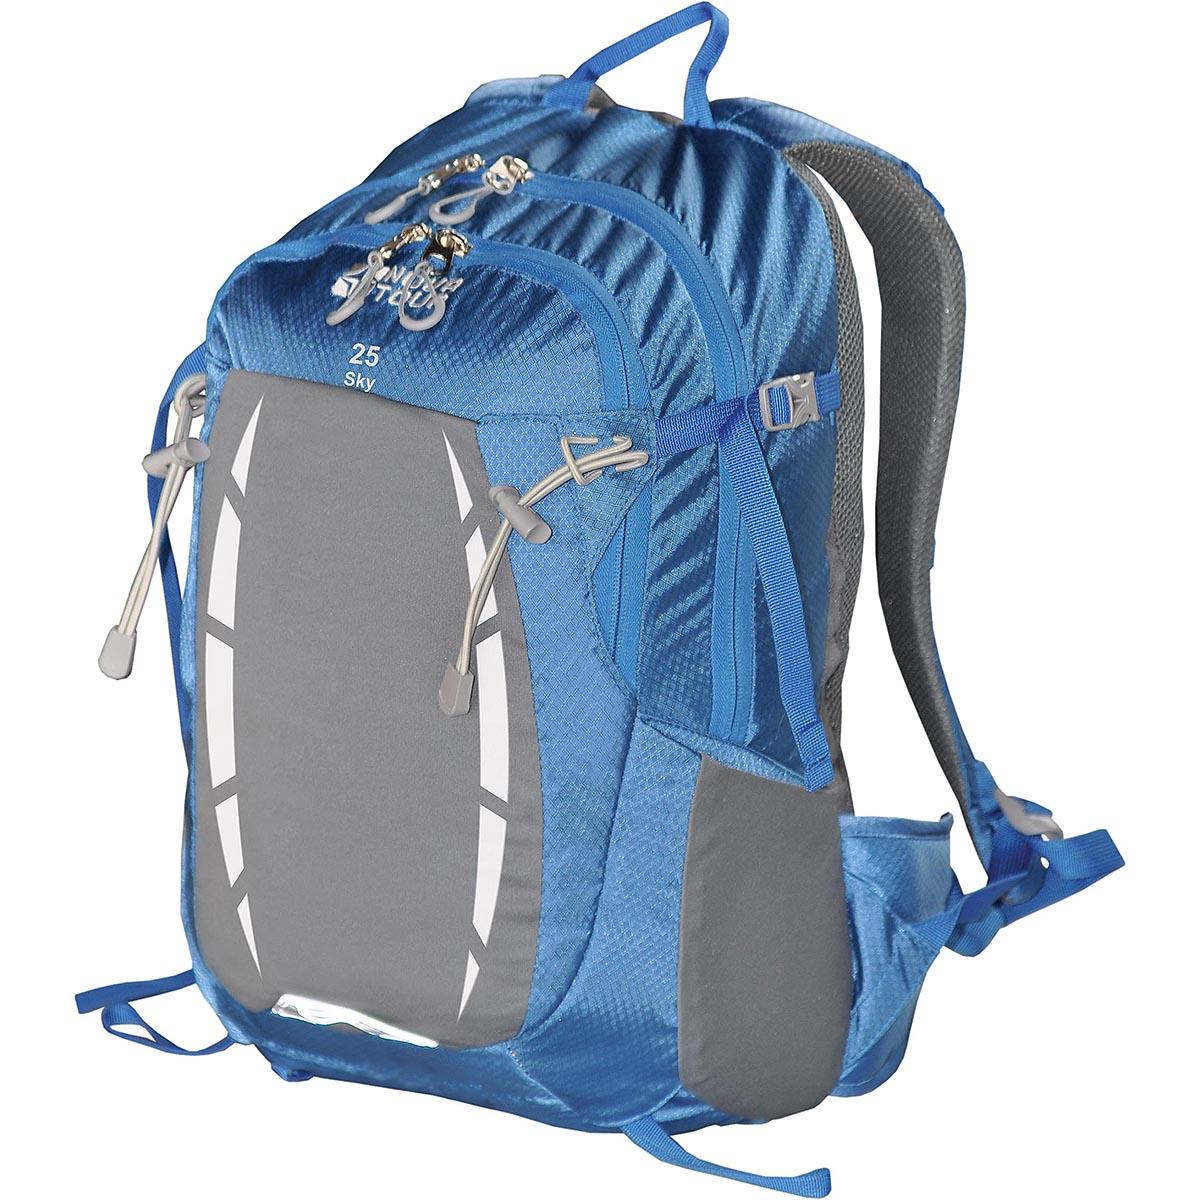 Рюкзак спортивный Nova Tour Скай 25, цвет: синий, 25 л95768-467-00Отделение для гидратора, карабин для ключей, карман с органайзером, эластичный фронтальный карман с переменным объемом.